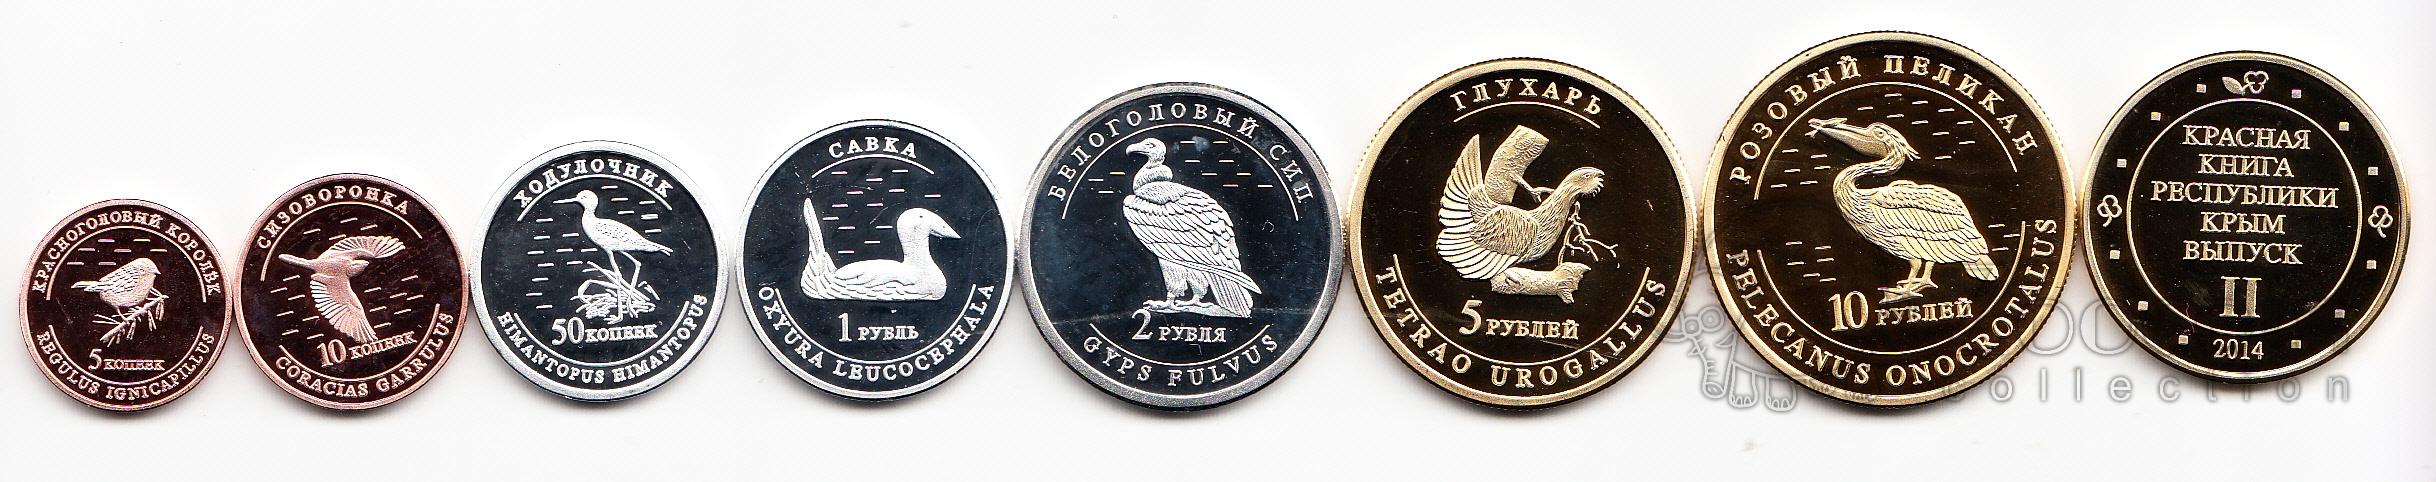 Монеты крым красная книга даты на монетах петра 1